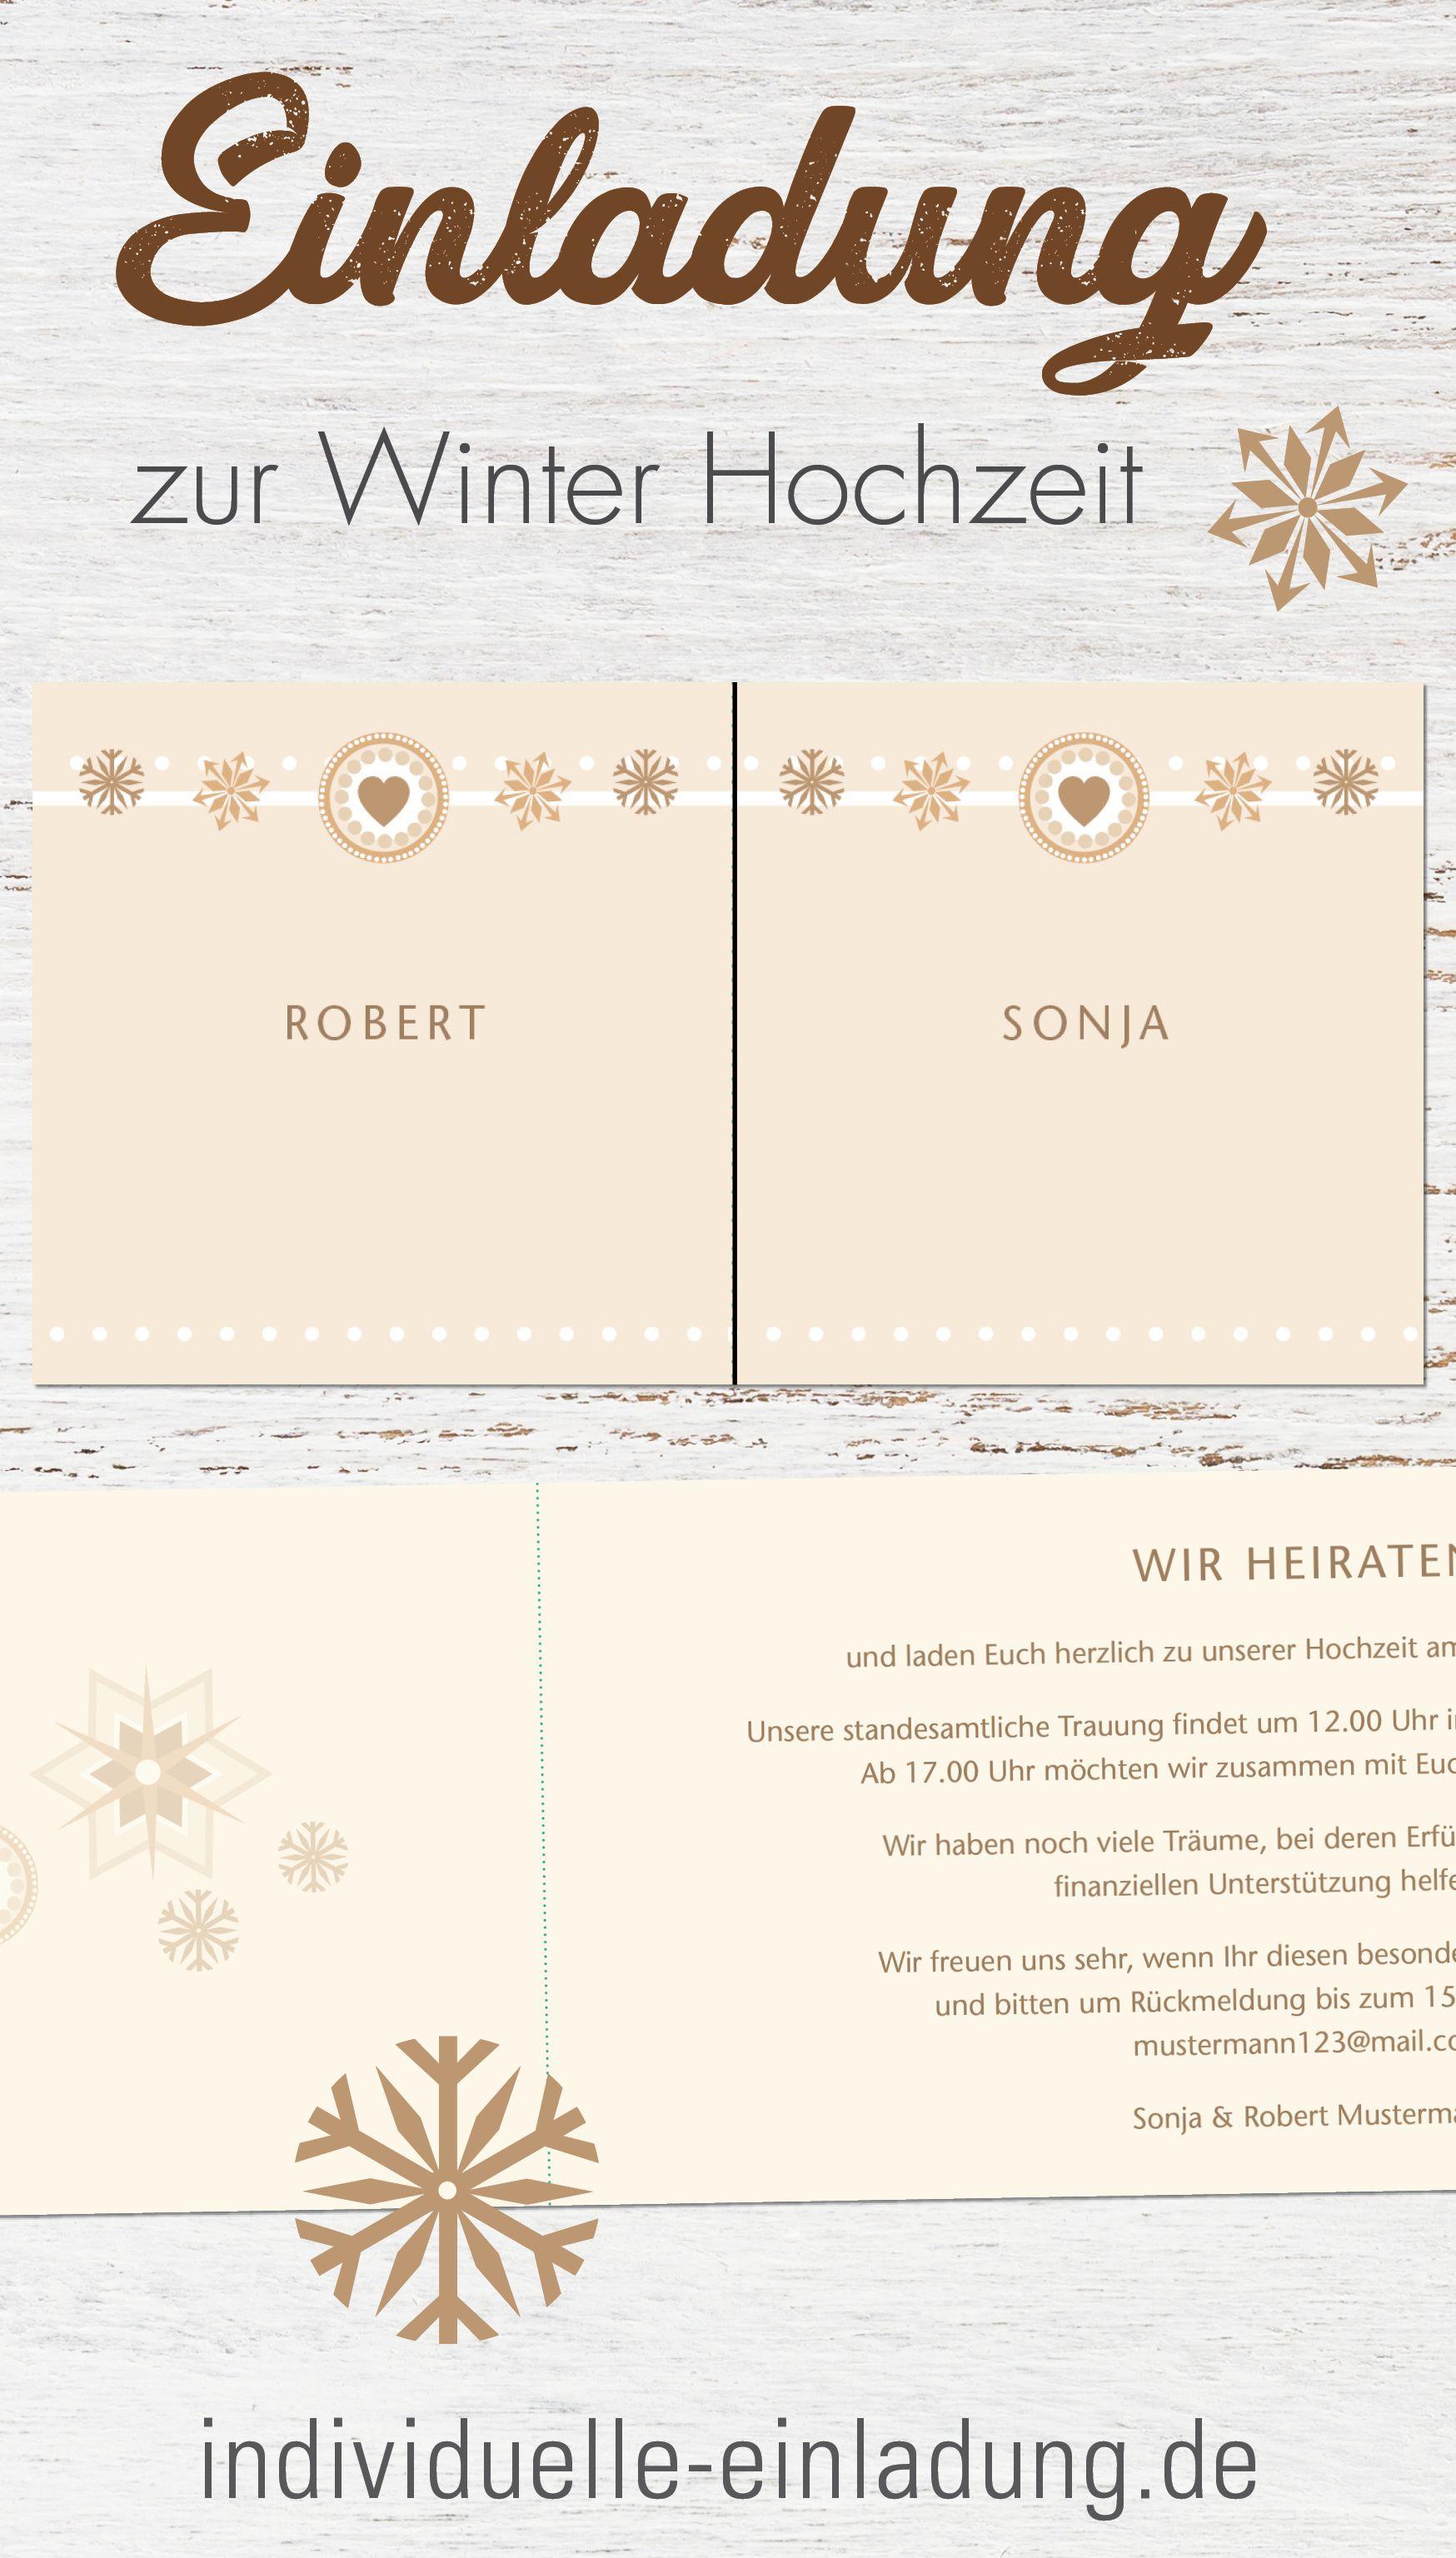 Einladung zur Winter Hochzeit   Einladungskarten hochzeit, Einladungen, Einladungskarten